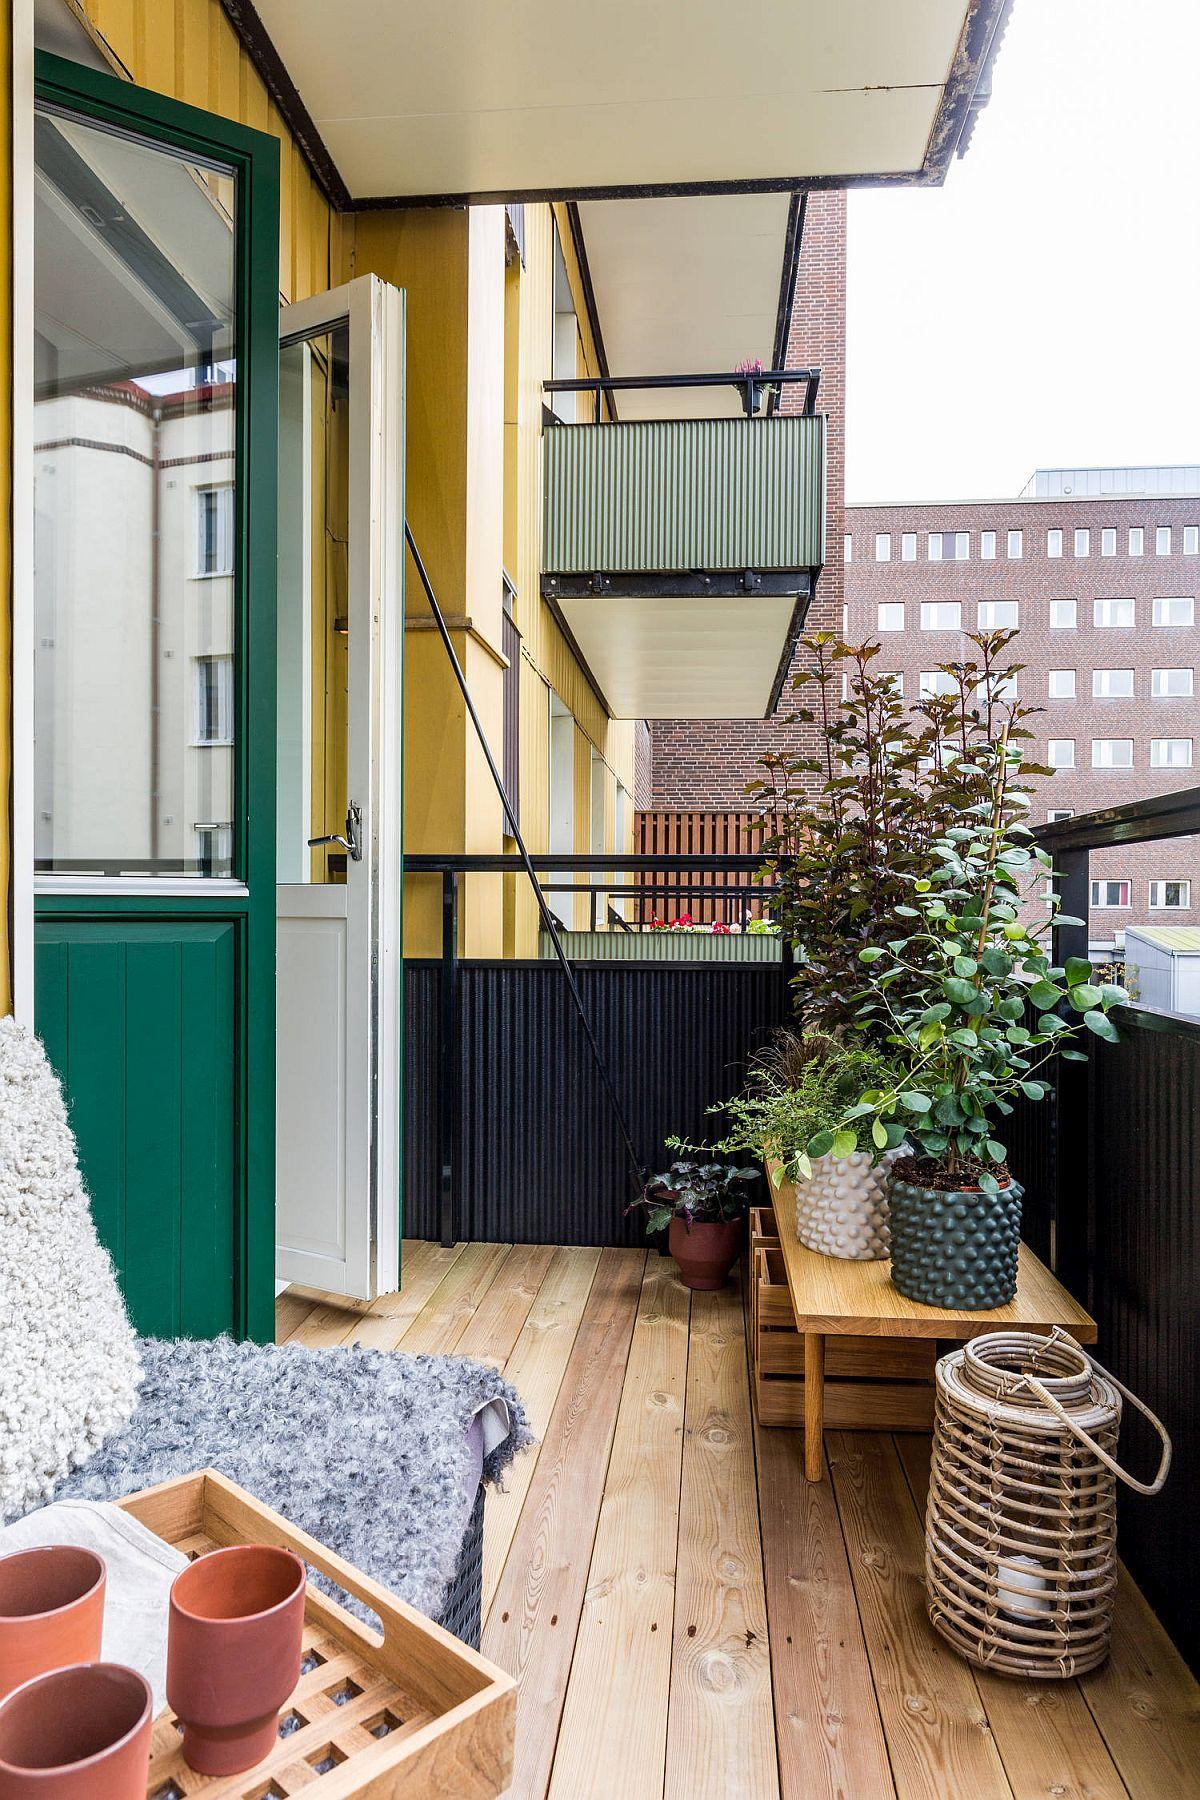 Pardosela poate fi una cu aspect de lemn sau chiar din lemn, dar montată pe suporți care să lase apa de ploaie să se scurgă. De asemenea, trebuie să verifici dacă montarea unei pardoseli noi nu împiedică ușa de acces pe balcon să se deschidă. În altă ordine de idei, zona care se vede cel mai bine de pe balcon în casă merită să fie amenajată cu plante verzi. Astfel, ele vor fi prezente atât pe balcon, dar se vor vedea frumos și de la interiorul casei.